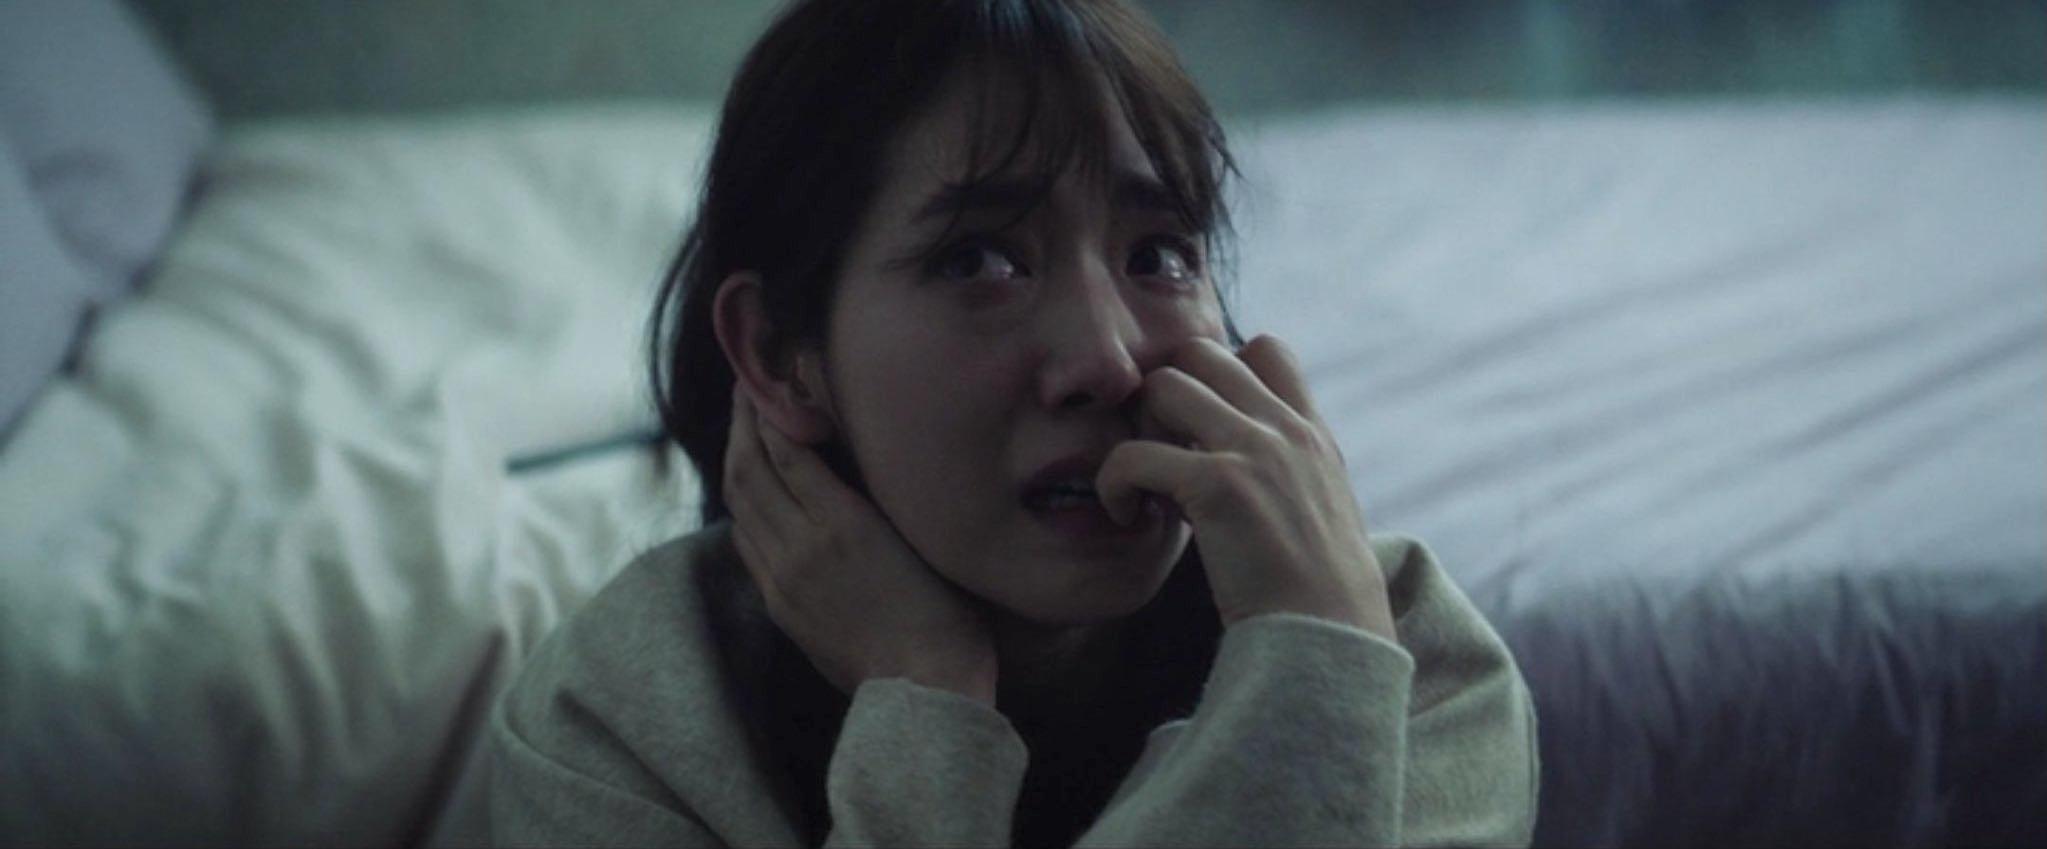 A imagem é de uma das cenas do filme. Nela, podemos ver a atriz Park Shin Hye sentada no chão, em frente à sua cama. Park é uma mulher de traços orientais, cabelos castanhos na altura dos ombros e franja. Ela veste uma blusa branca de mangas longas. Park está com uma feição assustada, com o olhar voltado para o canto superior esquerdo e roendo as unhas da mão esquerda.